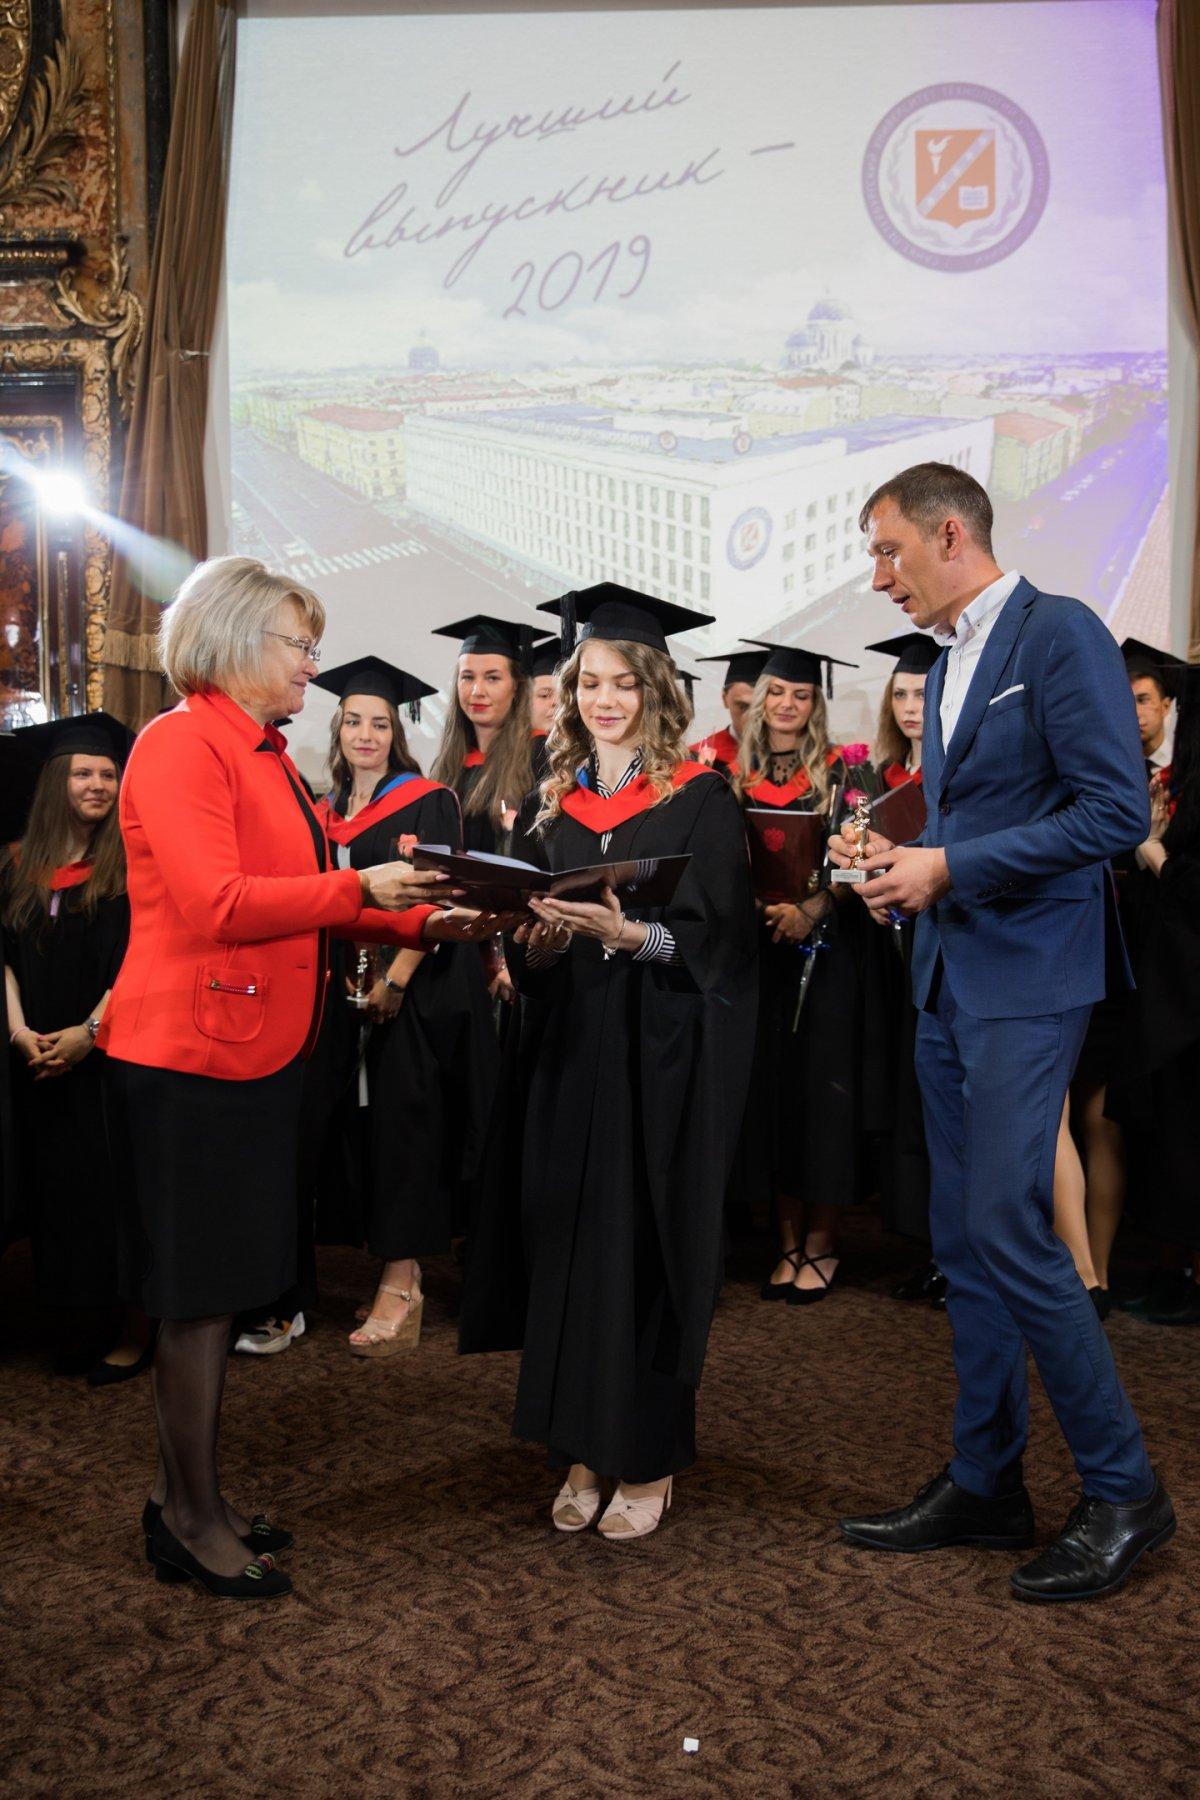 В 2019 году Санкт-Петербургский университет технологий управления и экономики выпустил более 2300 молодых специалистов. Среди них: 610 экономистов